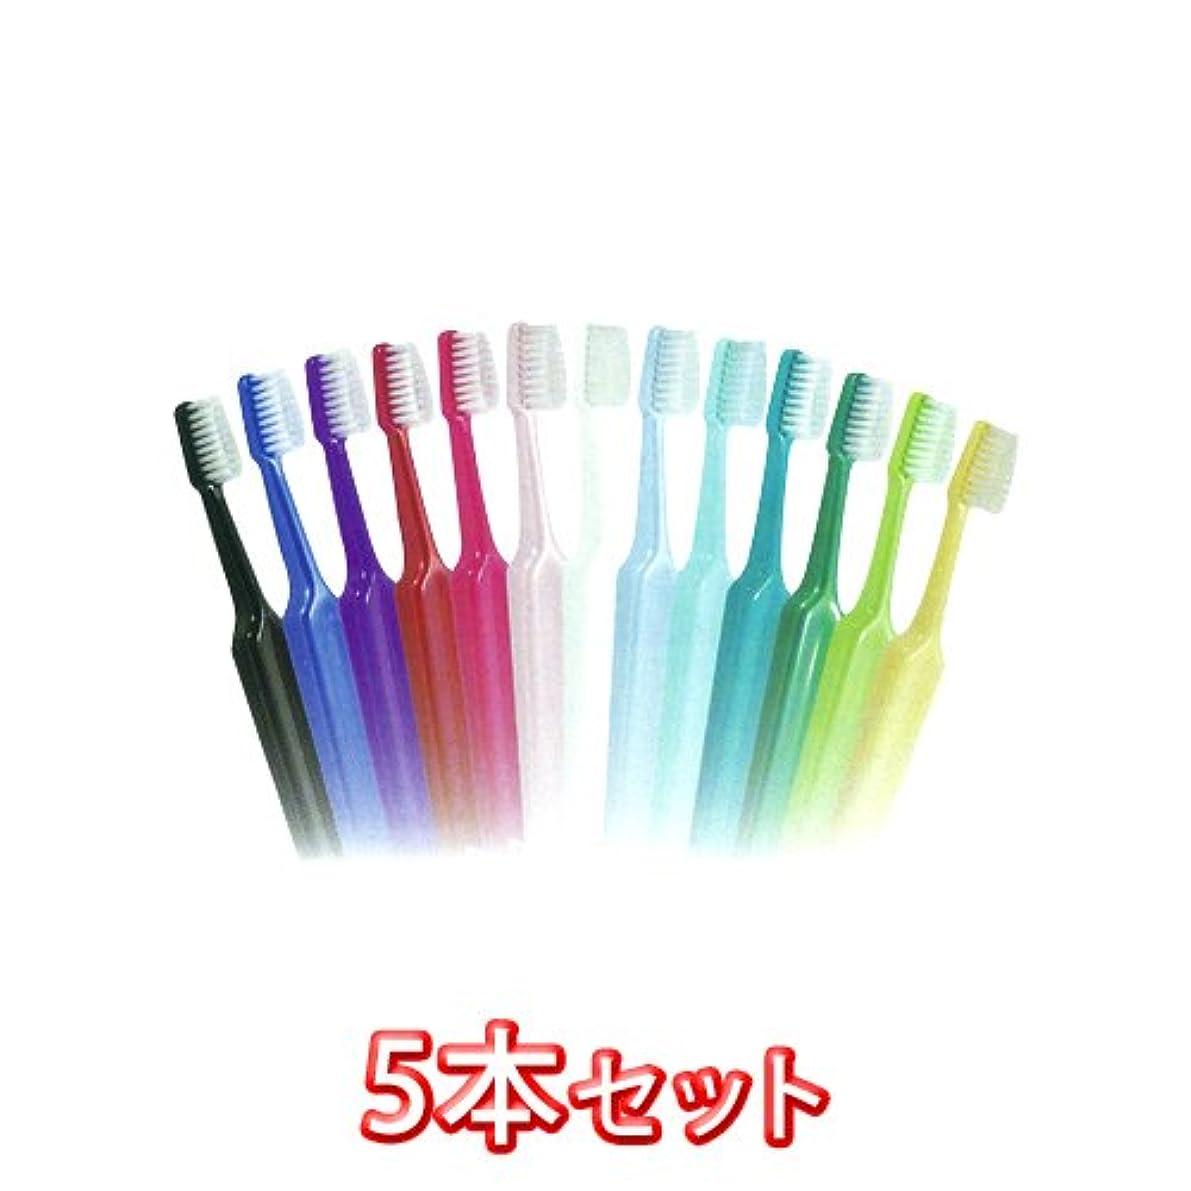 値するサミットバスケットボールクロスフィールド TePe テペ セレクト 歯ブラシ 5本 (エクストラソフト)